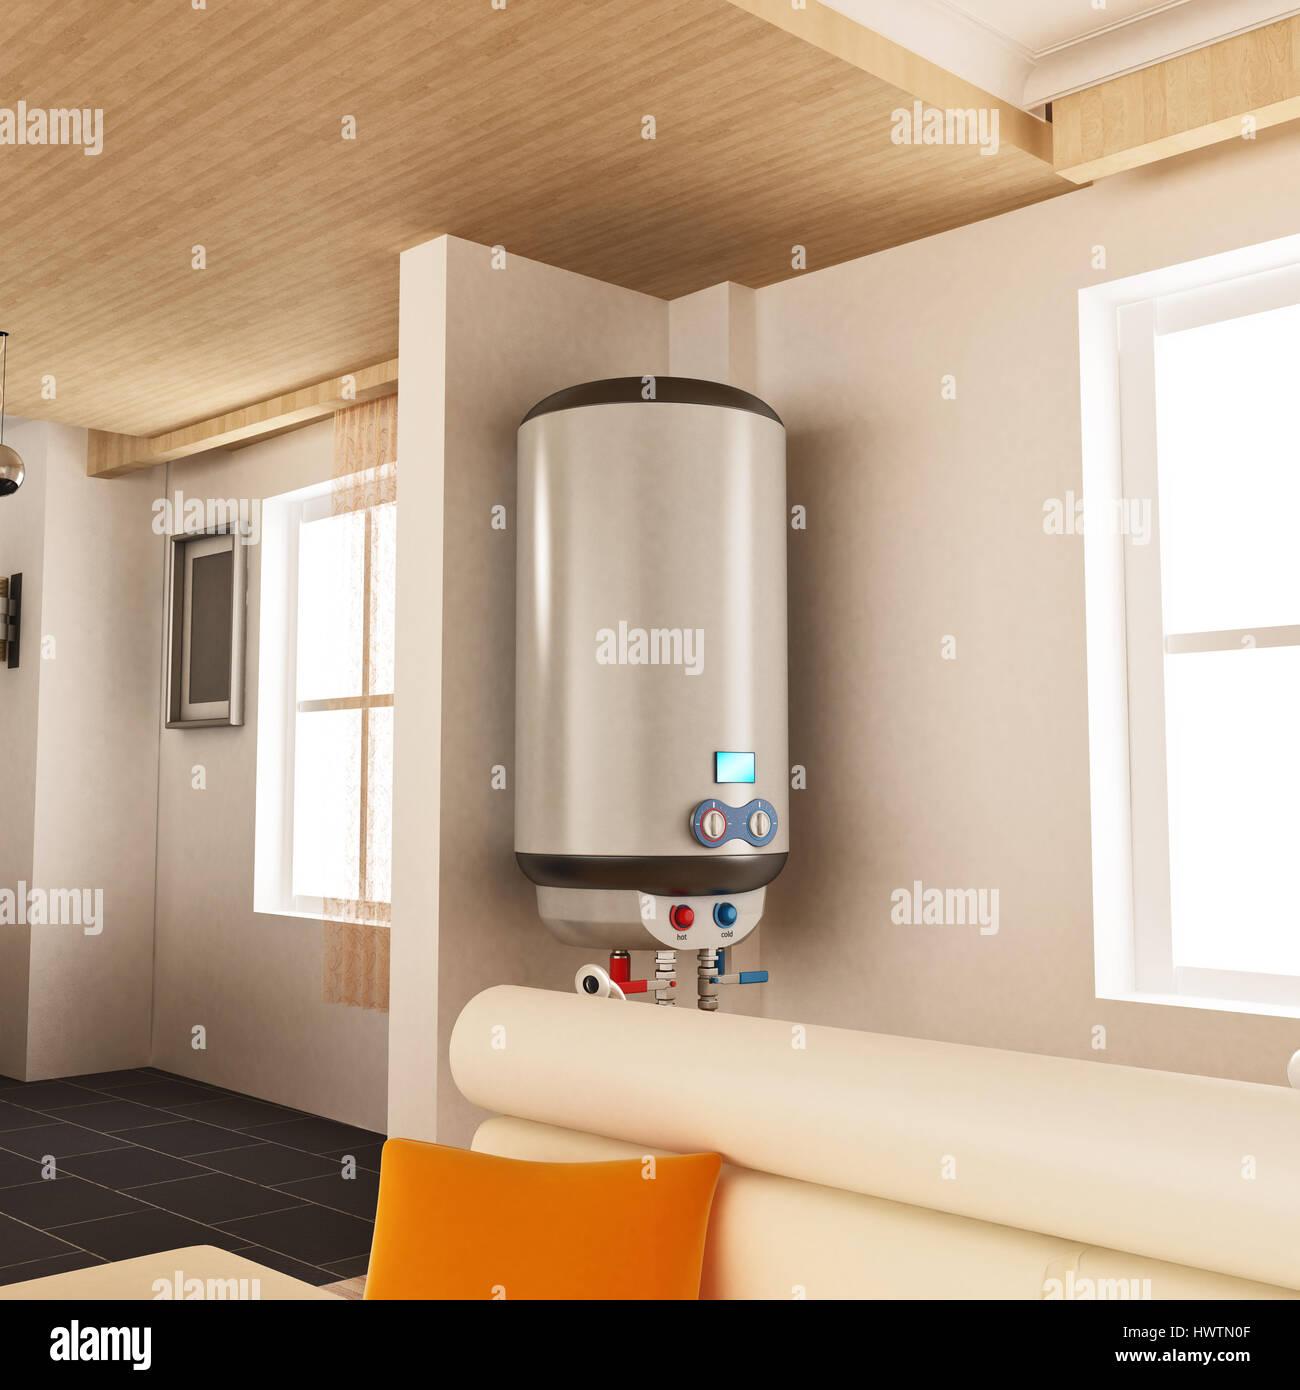 Chauffe-eau accroché au mur. 3D illustration. Photo Stock